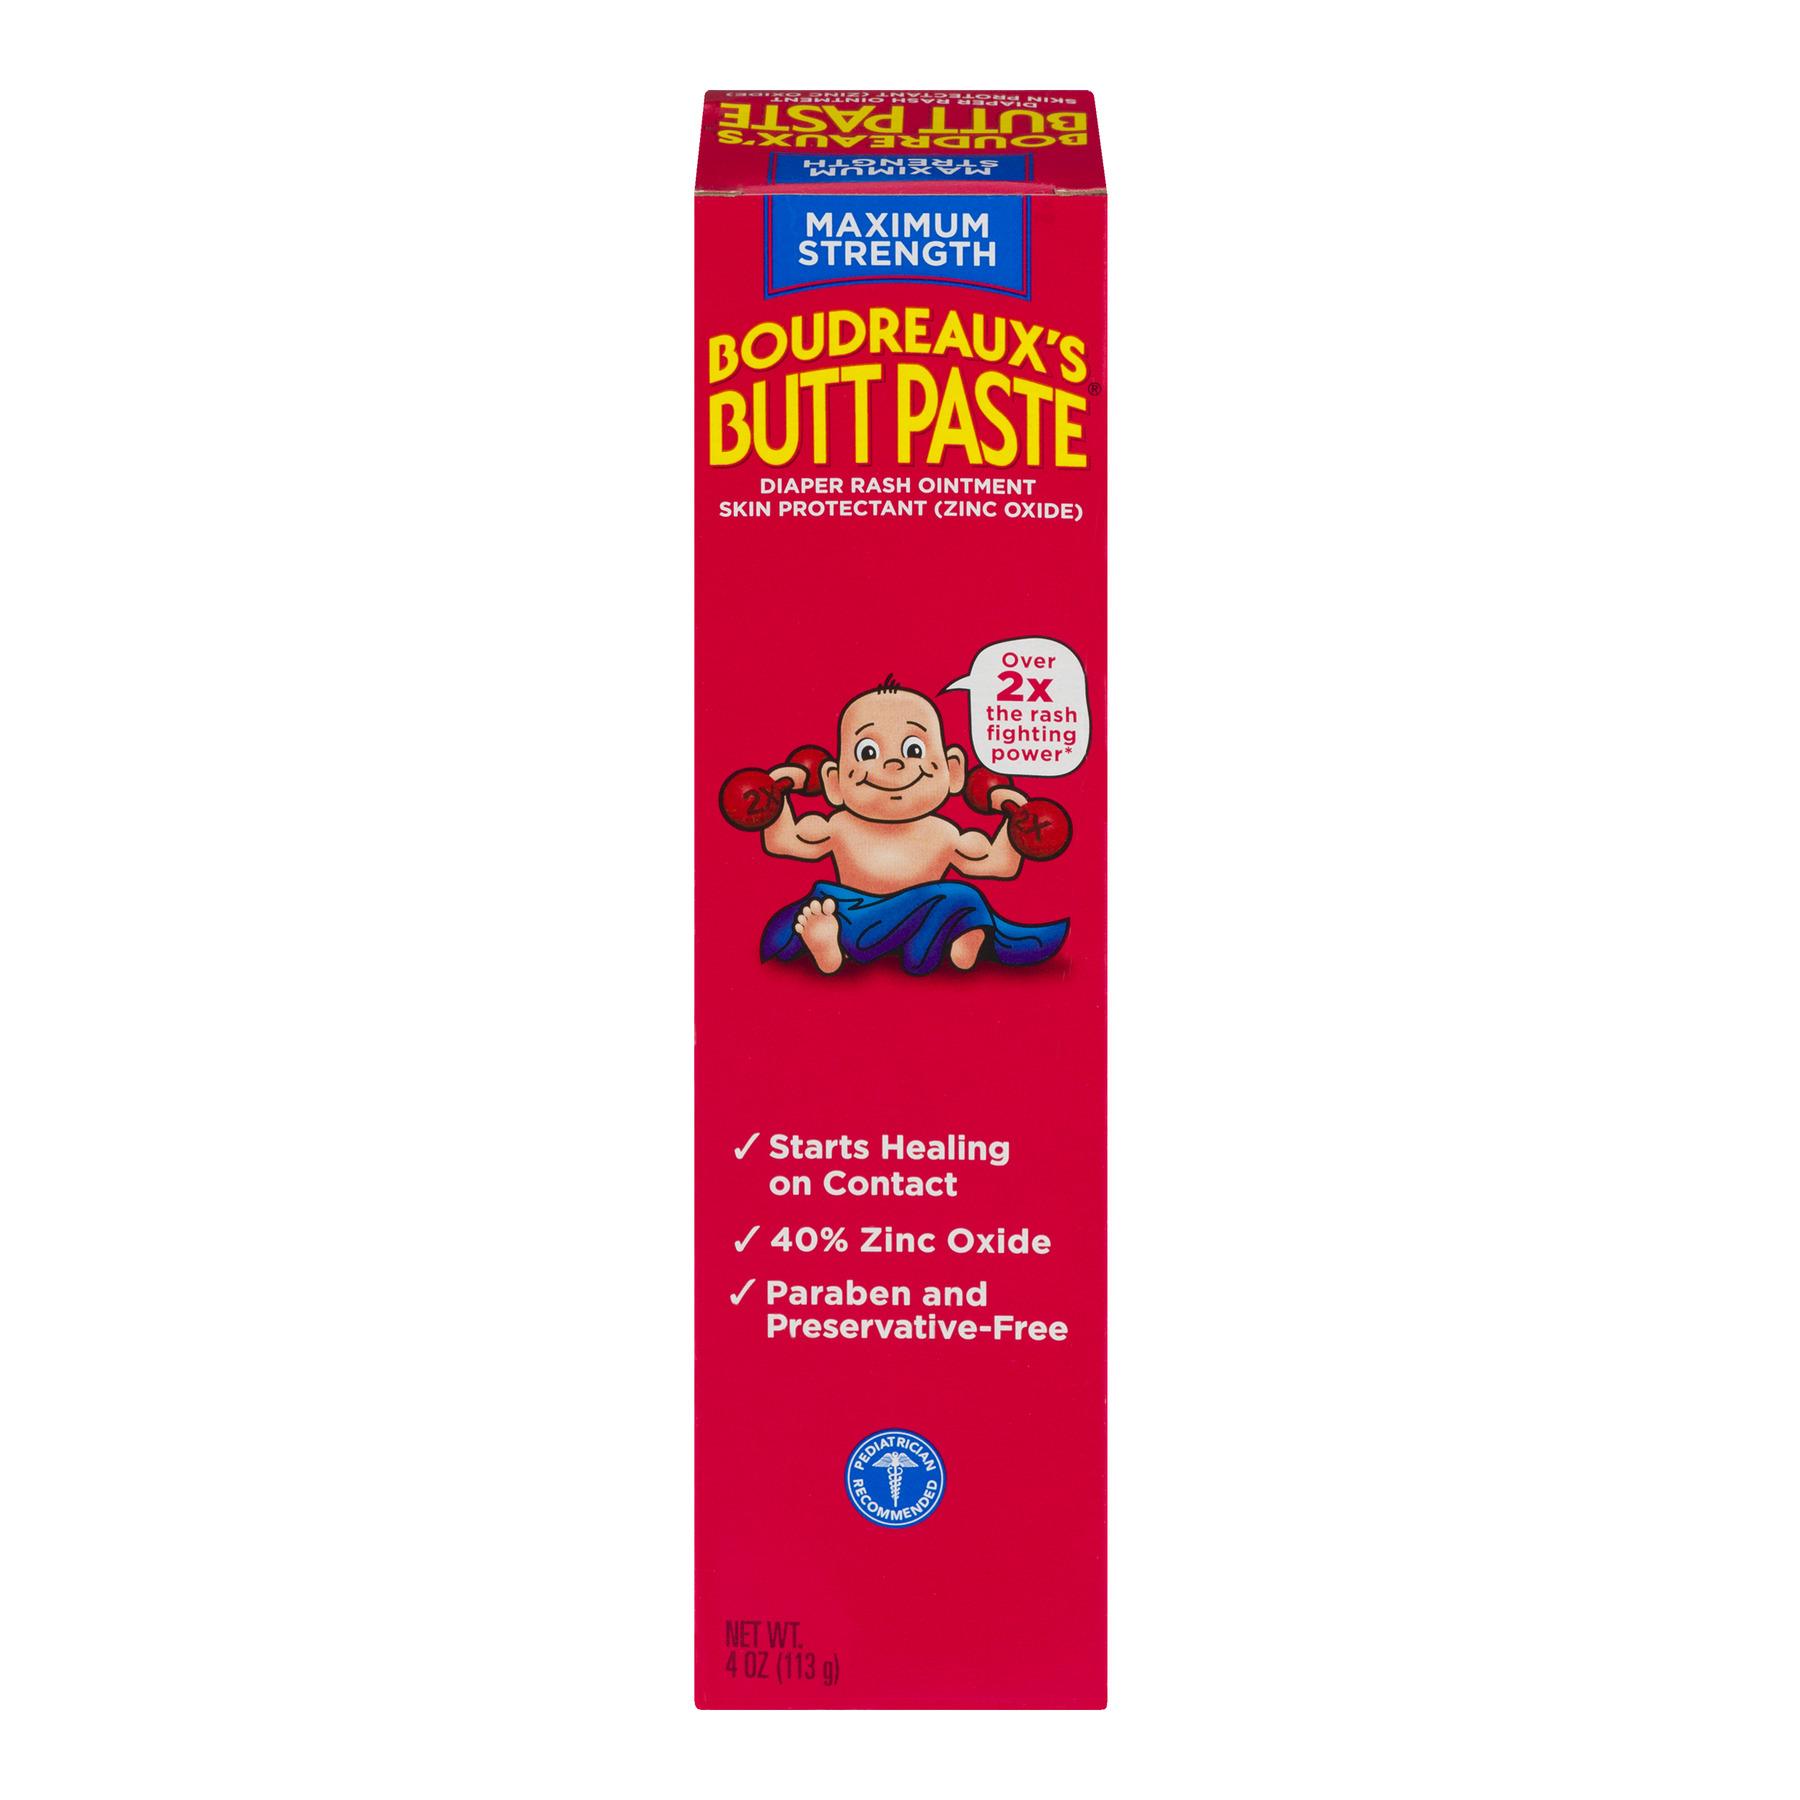 Boudreaux's Butt Paste Maximum Strength Diaper Rash Ointment, 4.0 OZ